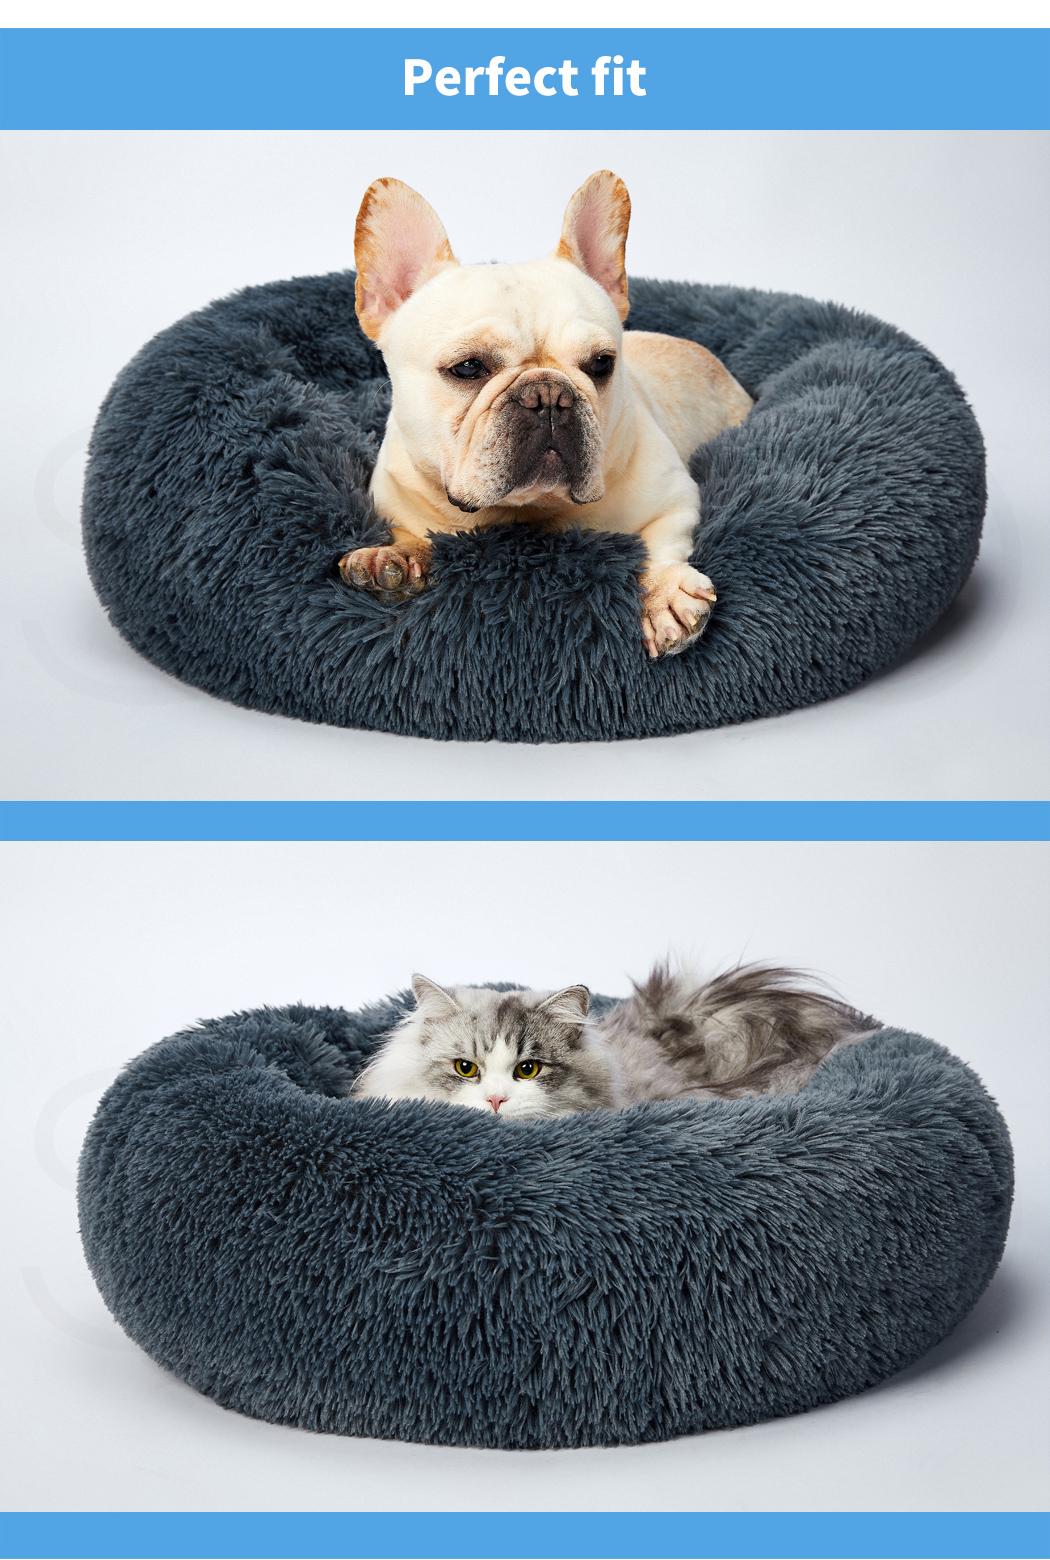 thumbnail 74 - PaWz Pet Bed Cat Dog Donut Nest Calming Mat Soft Plush Kennel Cave Deep Sleeping